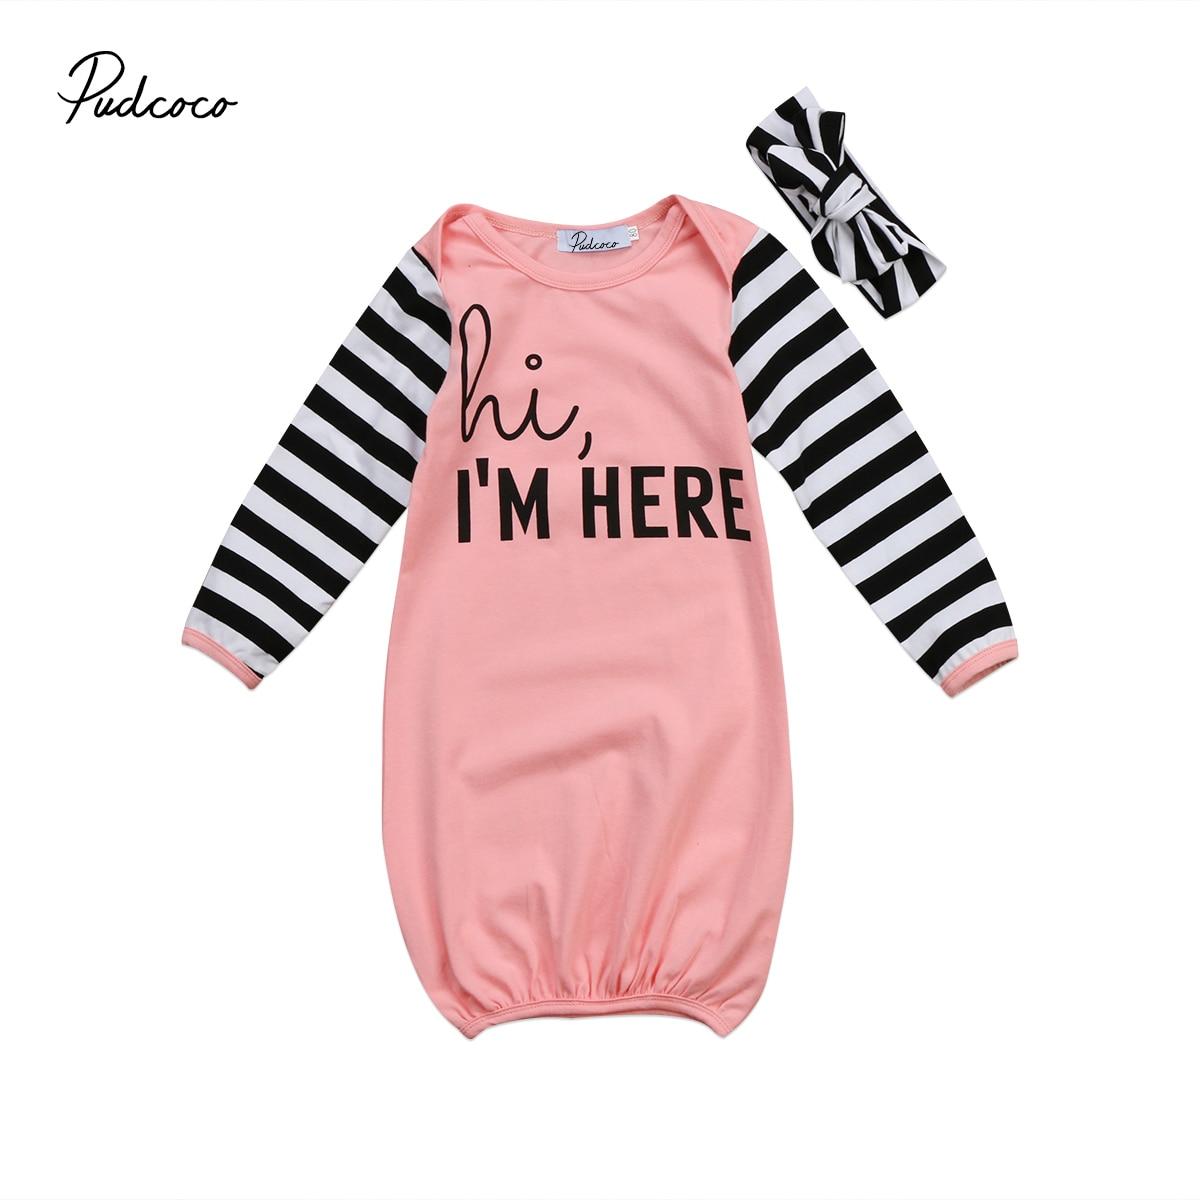 Mignon Nouveau-Né Infantile Bébé Fille Tenues Rose Bande Manches Sacs de couchage Swaddle Couvertures Nuit Chapeaux